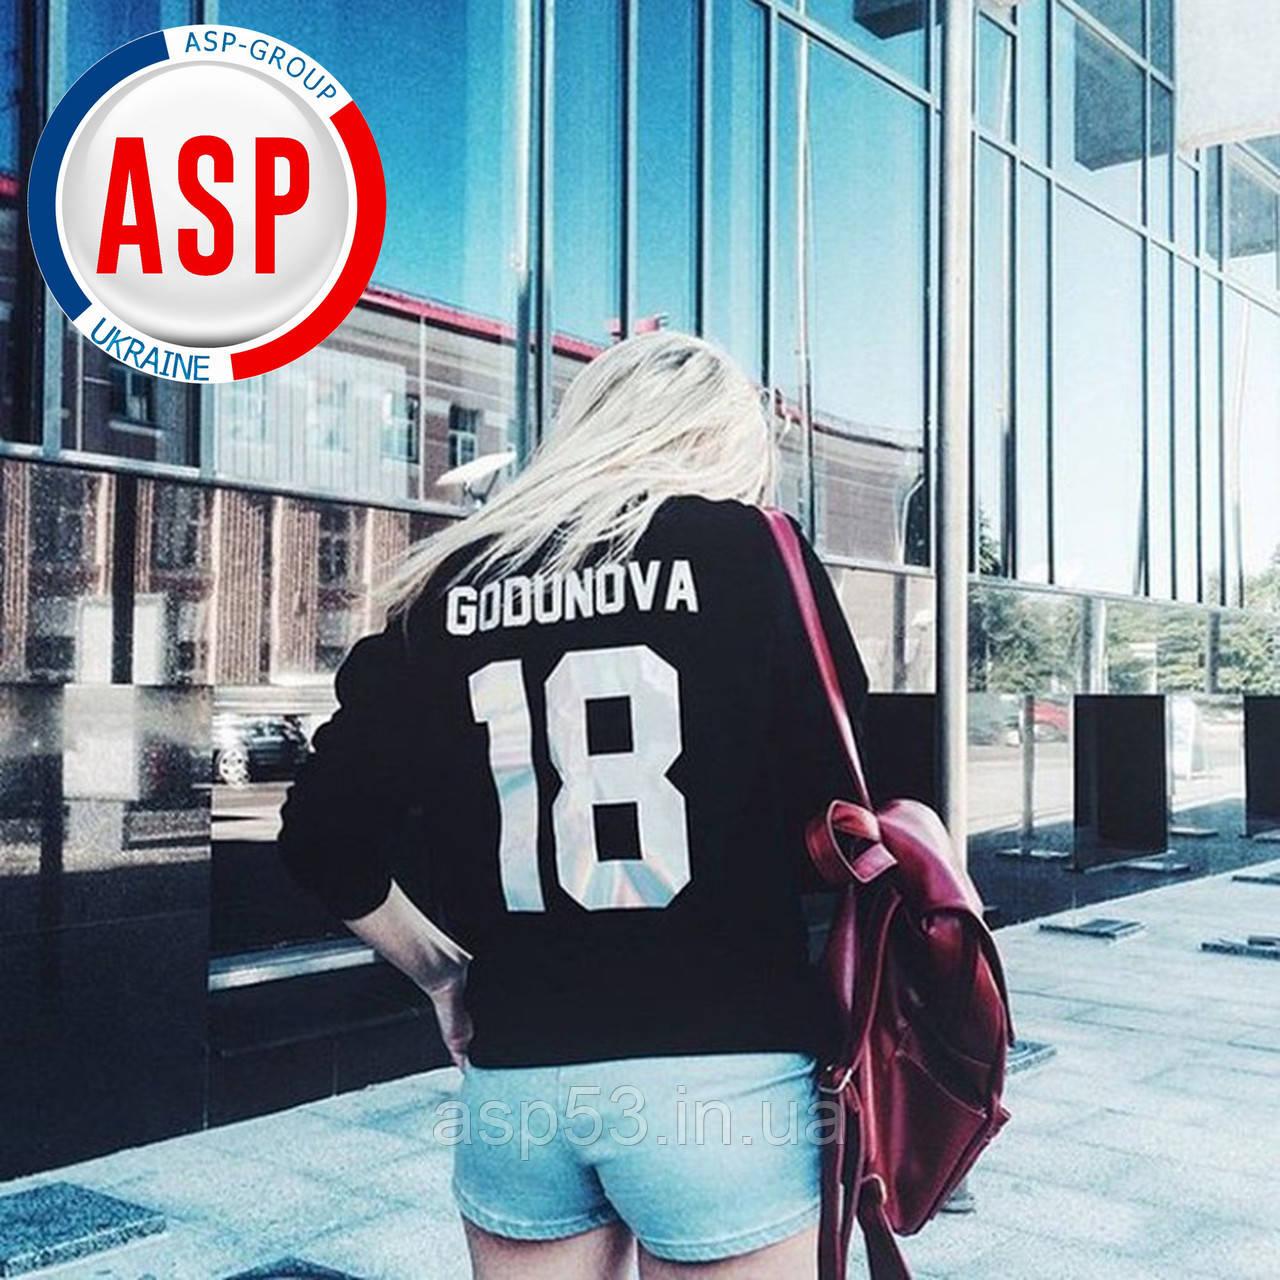 6f90f3a69db2 Именная кофта толстовка свитшот женский с номером 18 именем фамилией  godunova ...